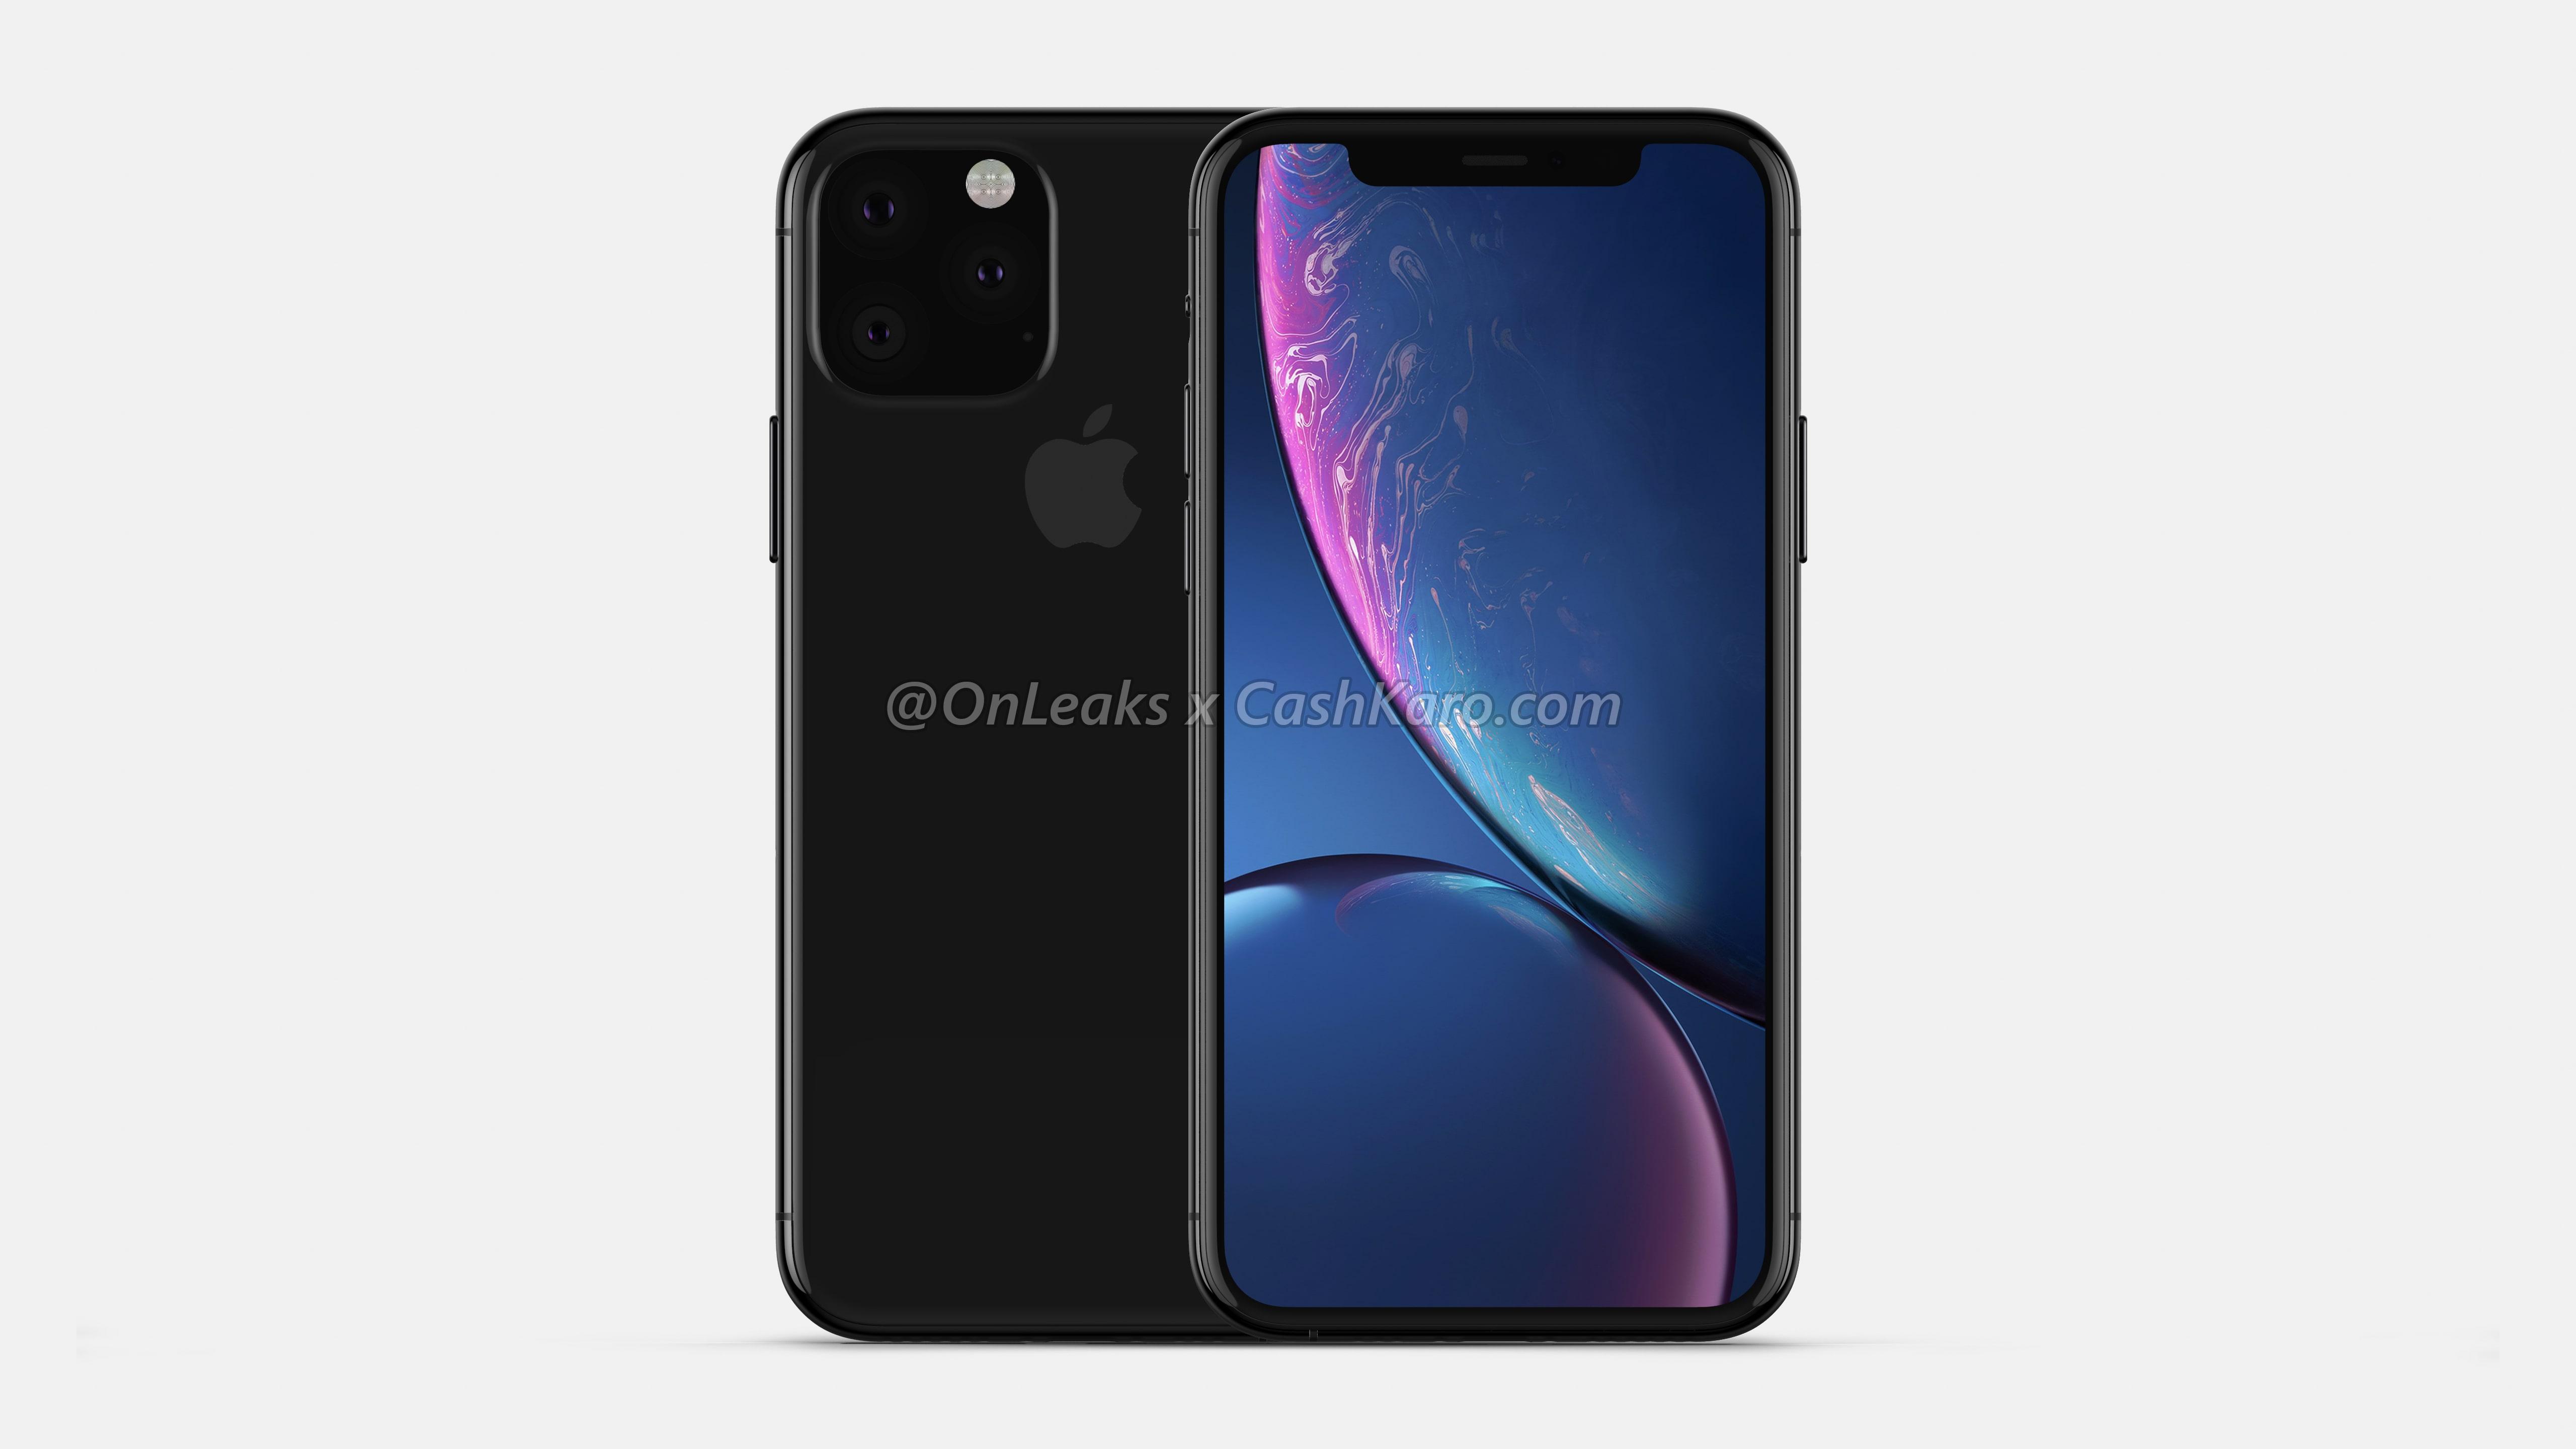 「iPhone 11」のデザインとサイズはこんな感じ?レンダー画像が登場